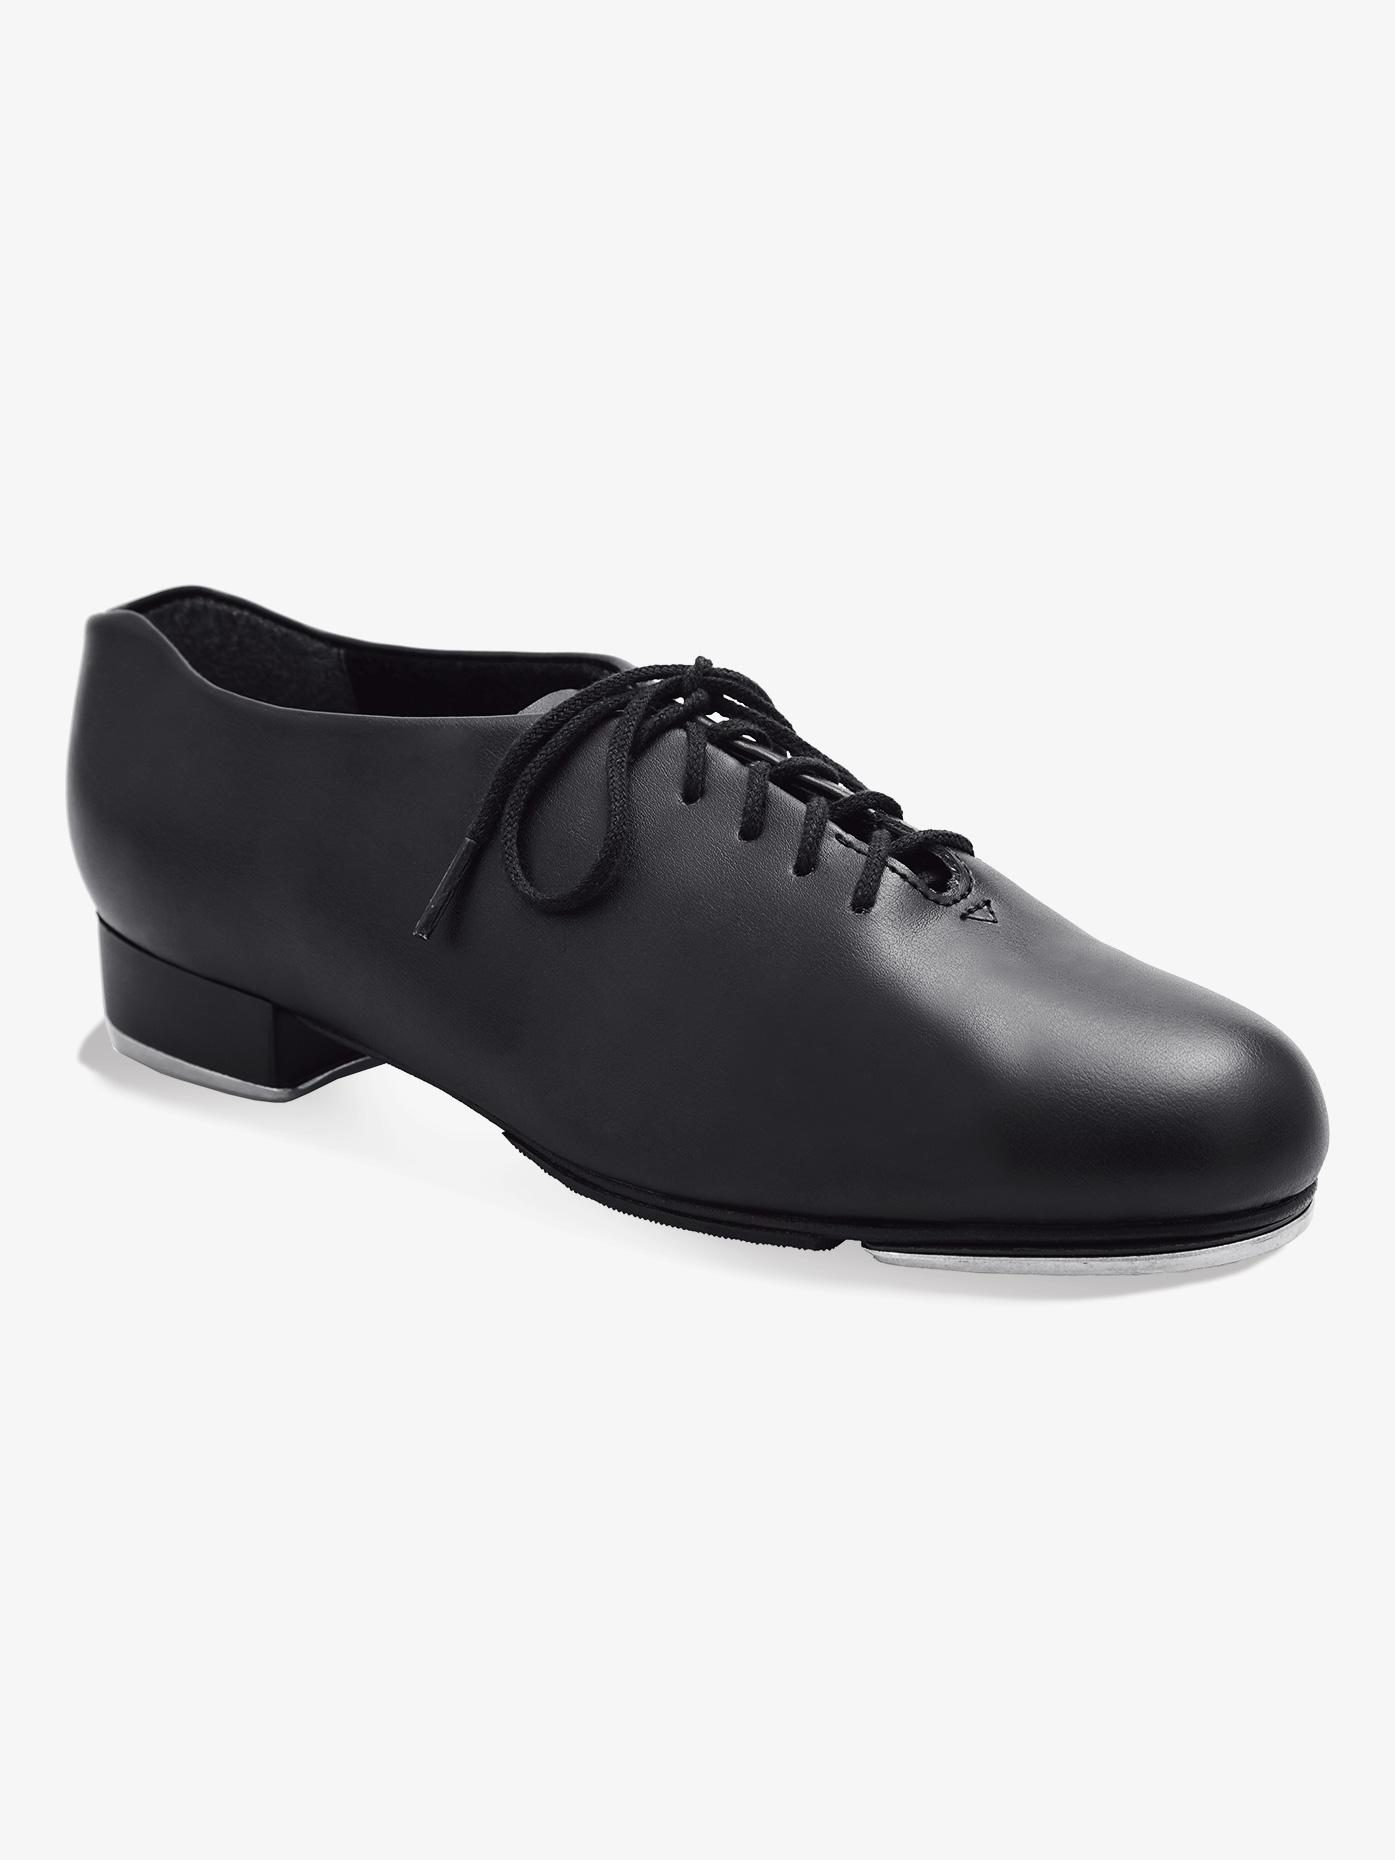 Capezio Boys Tic Tap Toe Lace-Up Tap Shoes 443B